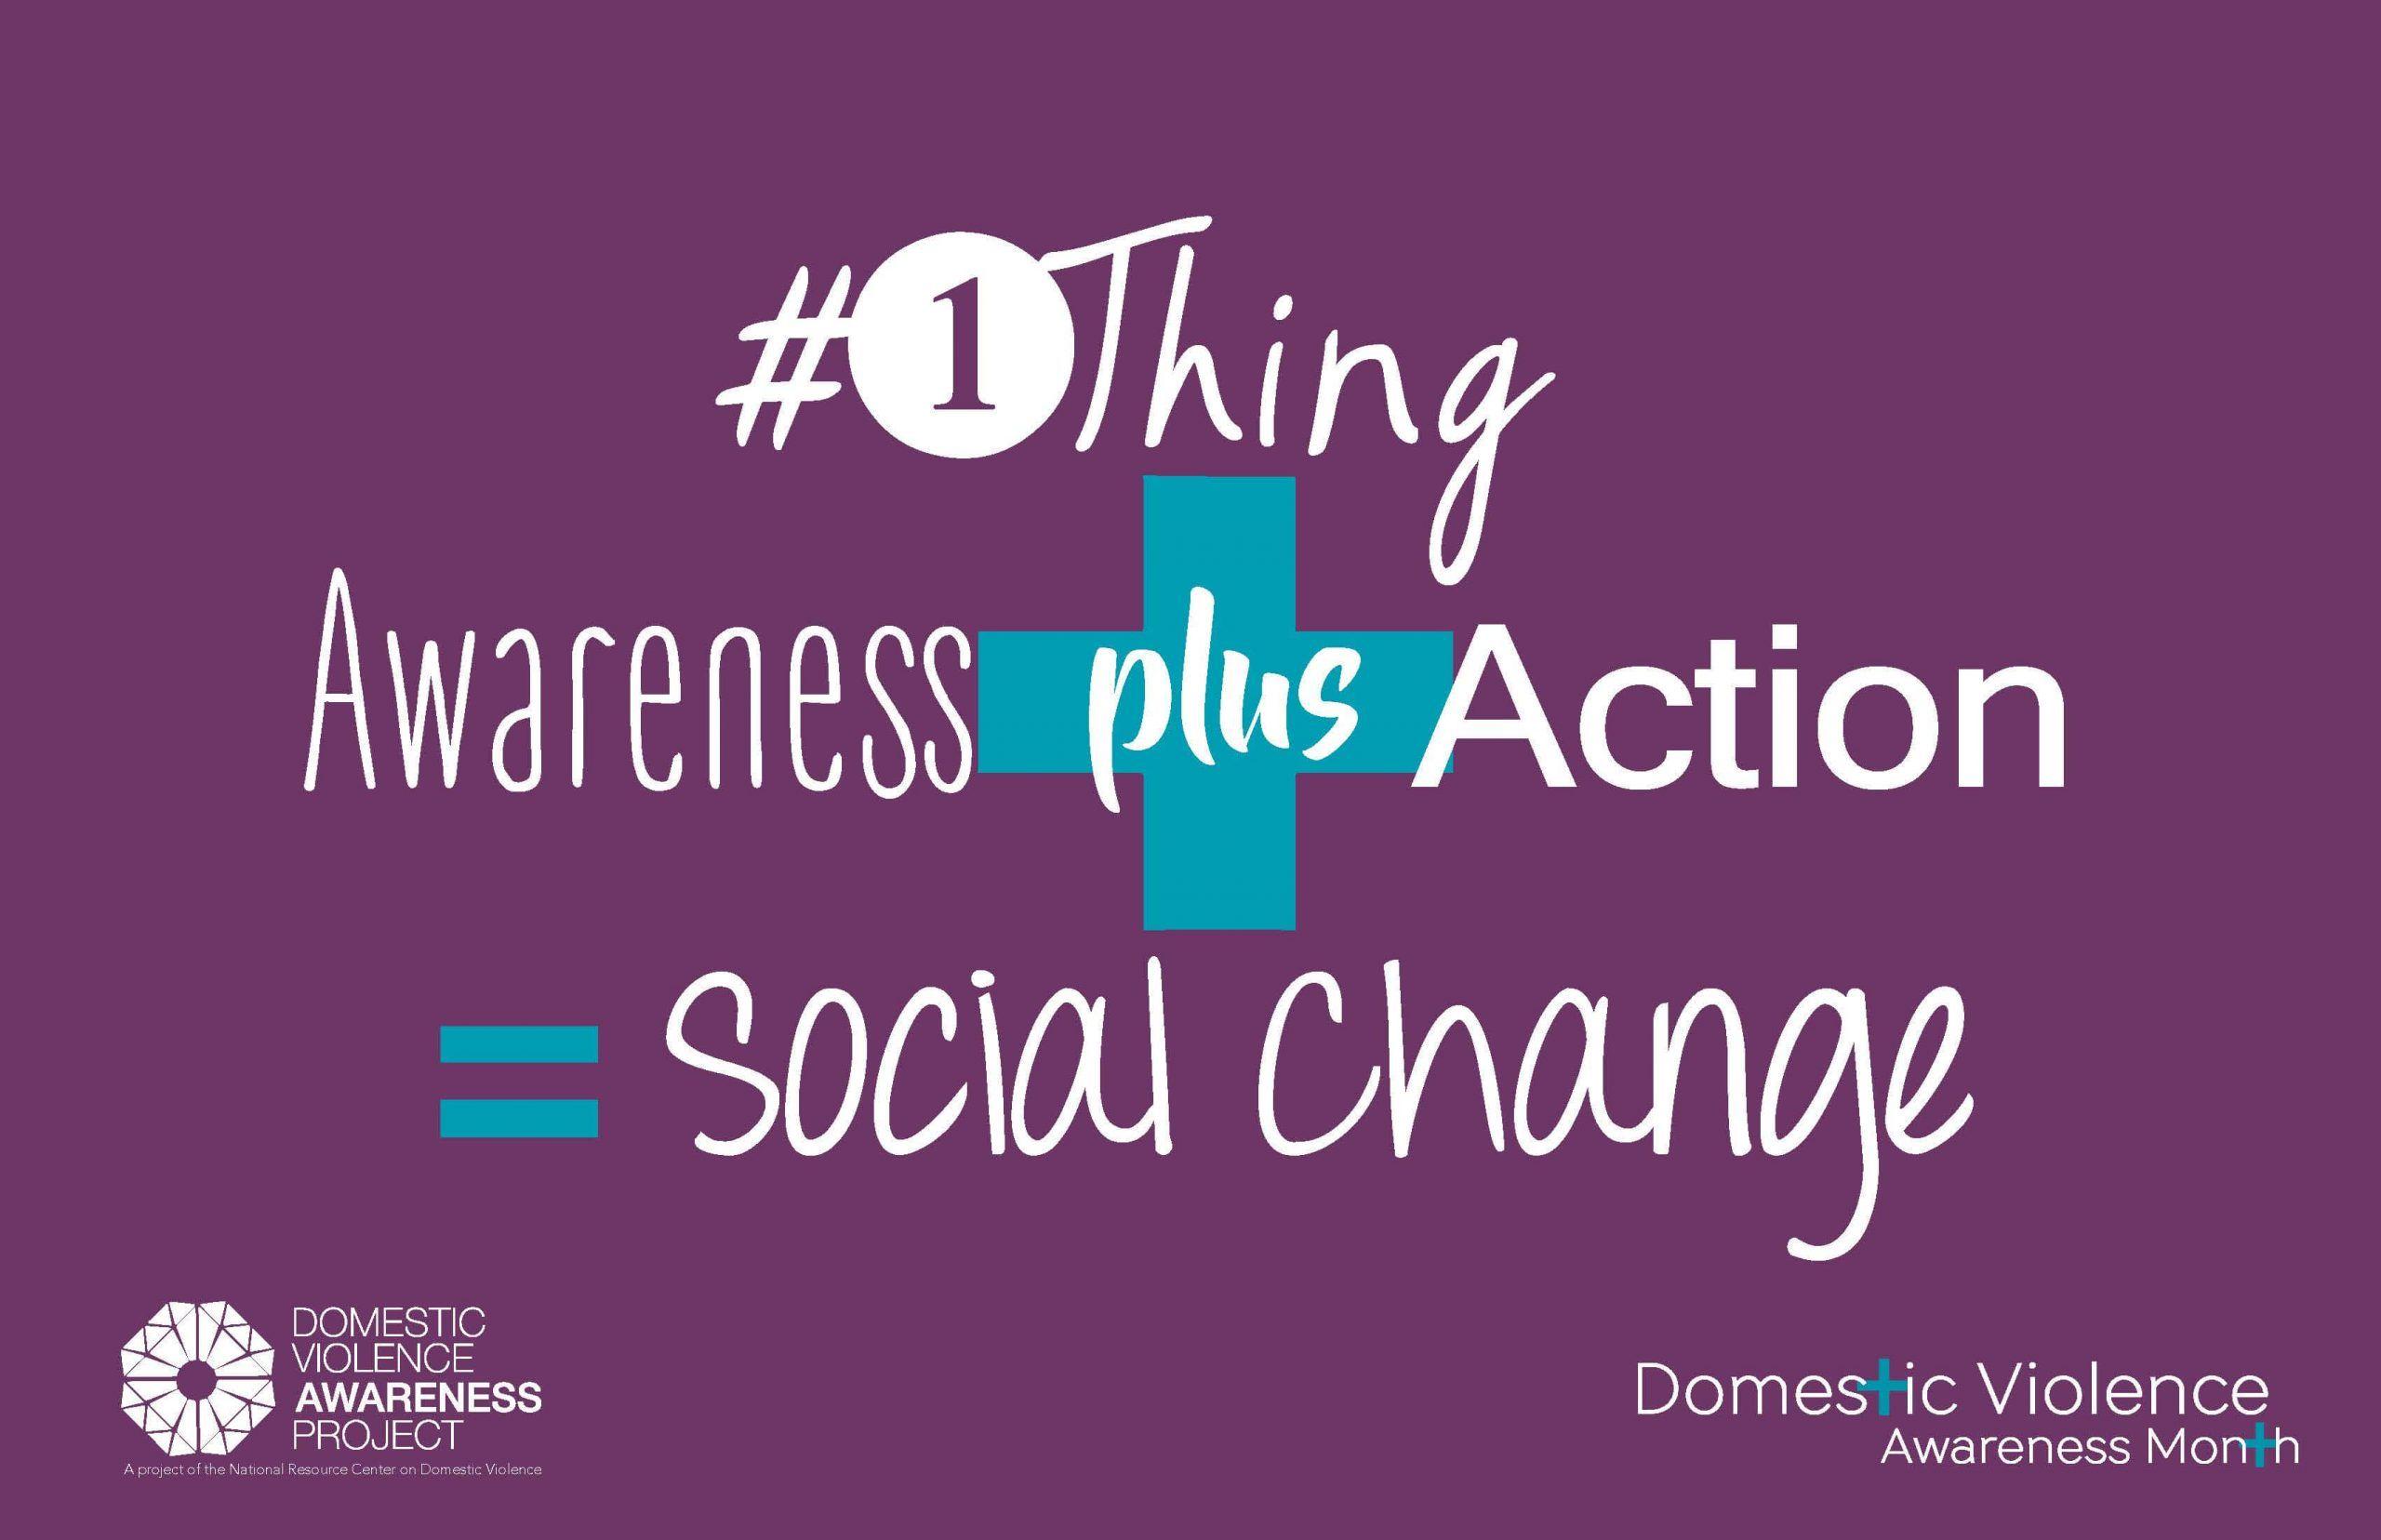 ActionAwarenessSocialChange-11x17-Poster-Purple (1)